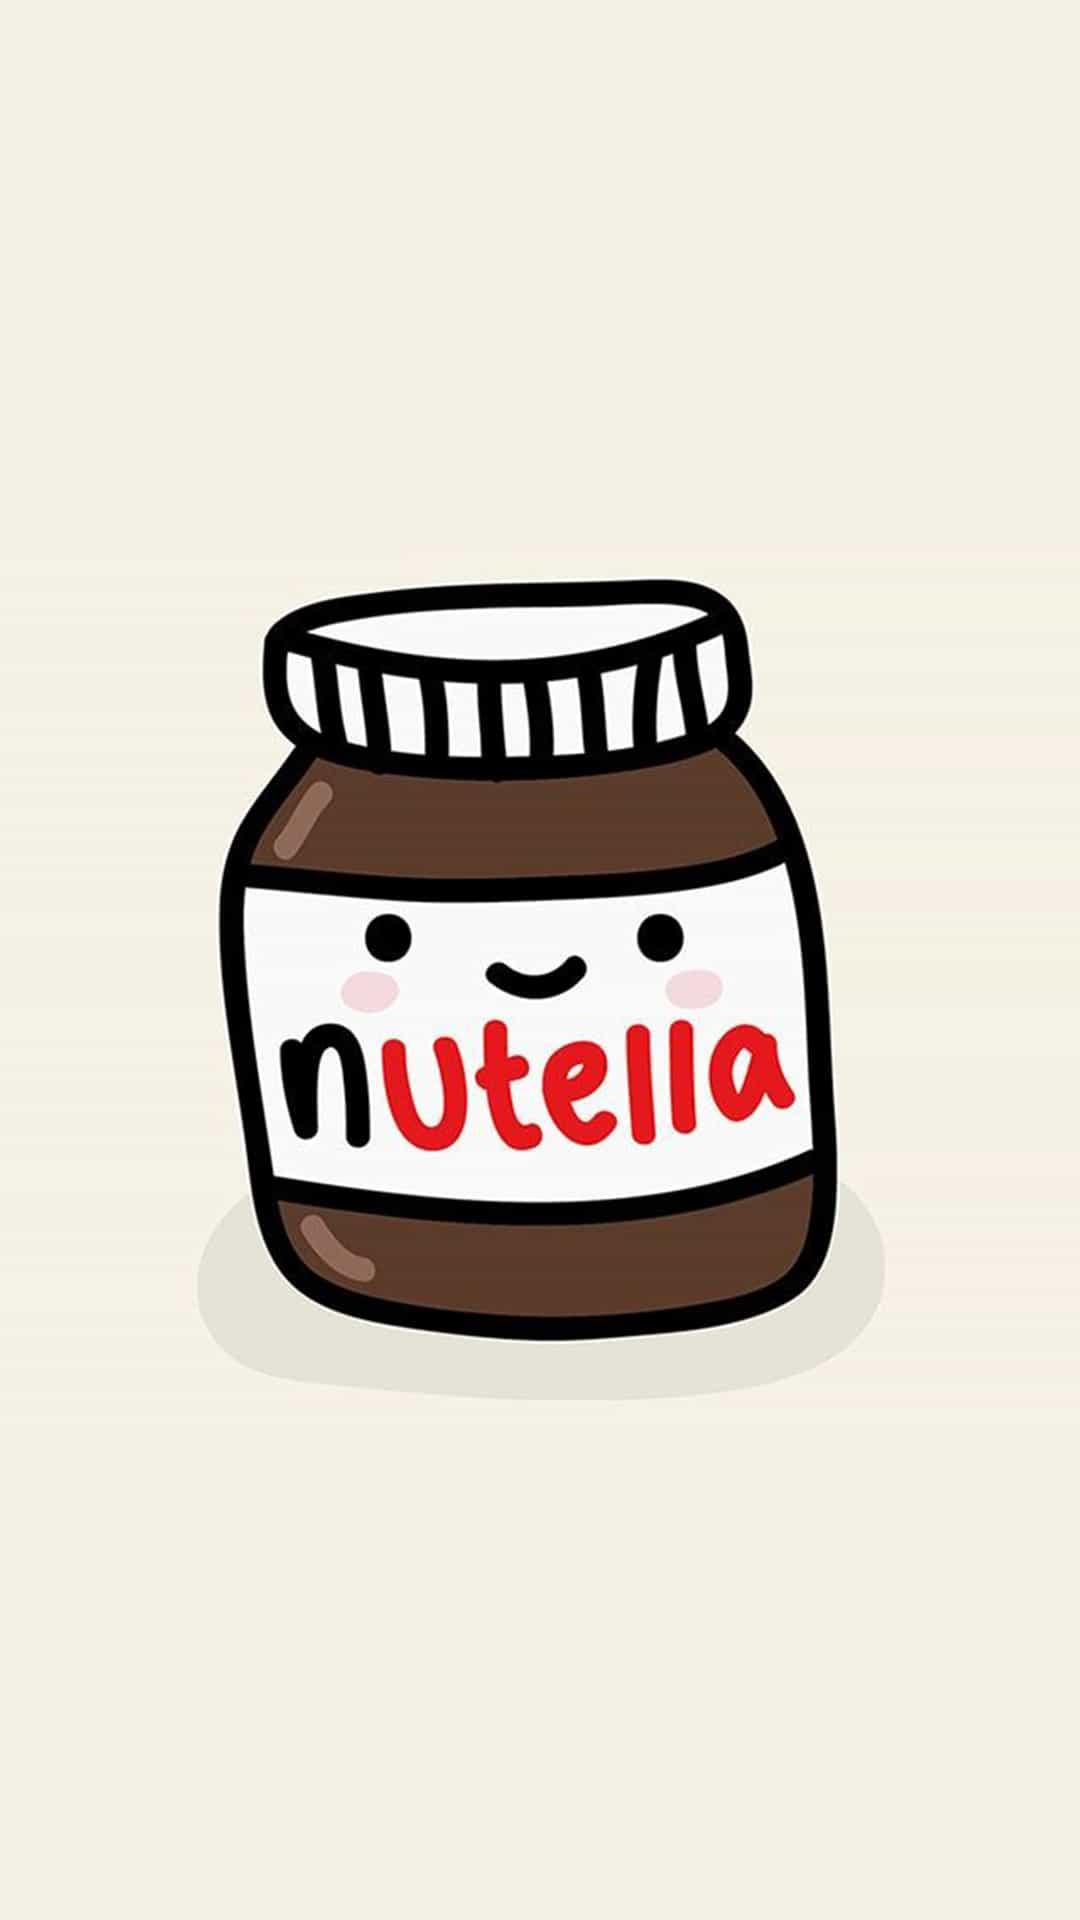 Cute Nutella Jar Illustration Android Wallpaper